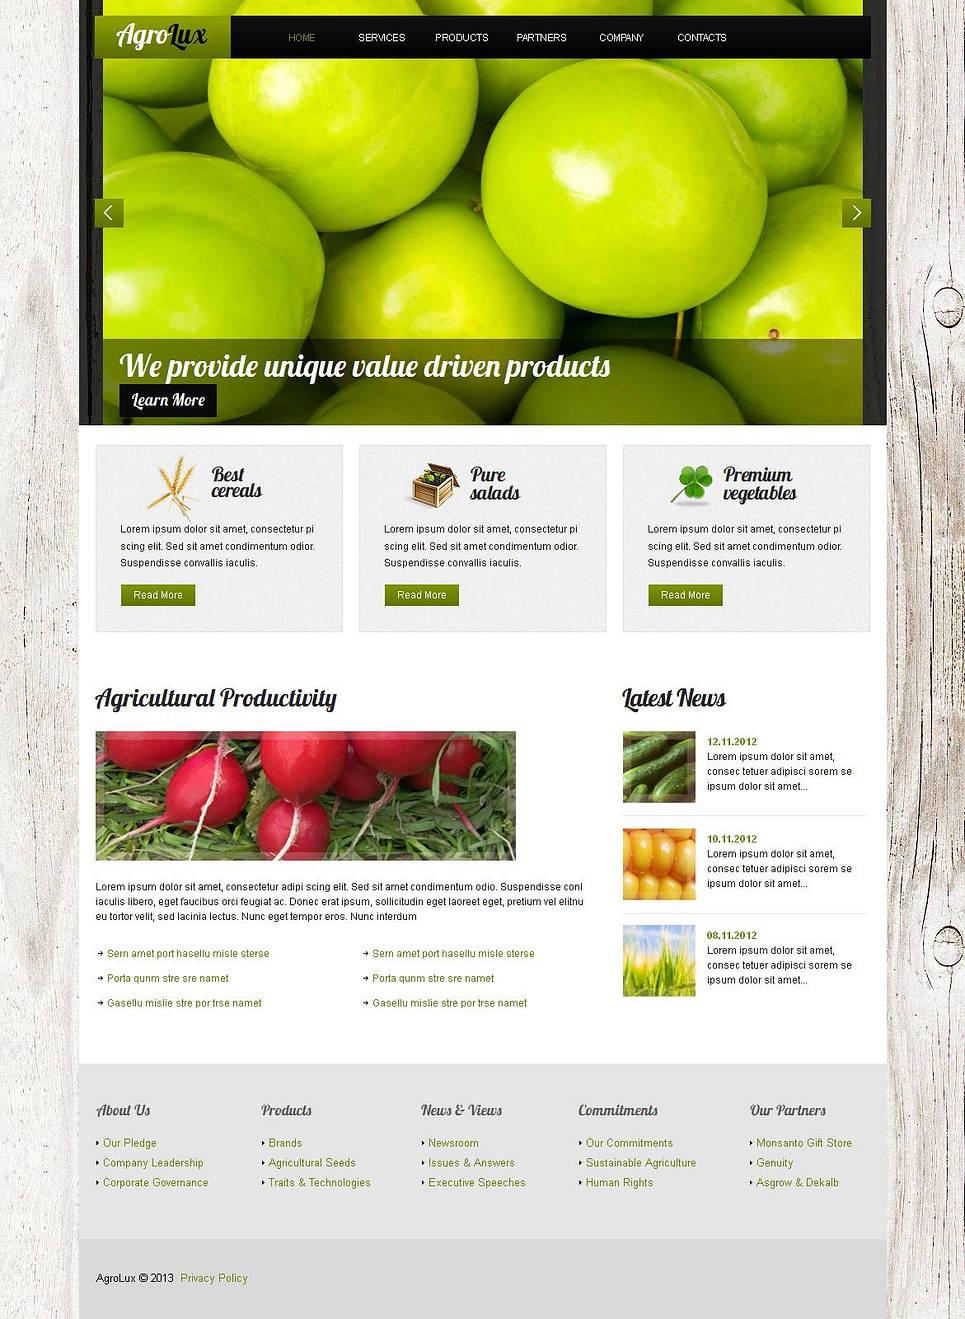 MotoCMS HTML Plantilla #45101 de categoría Agricultura - image